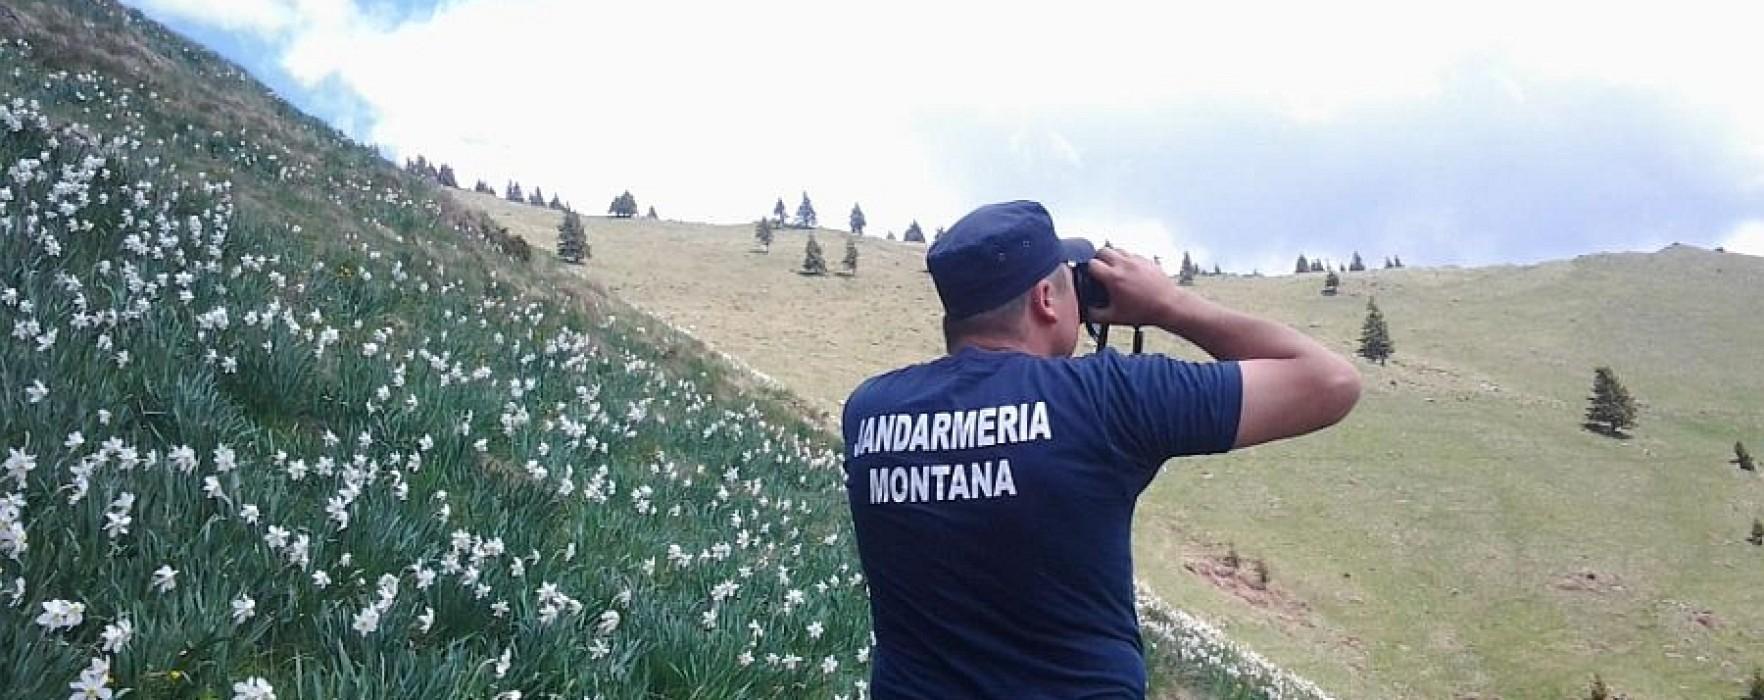 CJ Dâmboviţa anunţă începerea lucrărilor la Centrul Multifuncţional pentru Servicii de Urgenţă şi Jandarmerie Montană